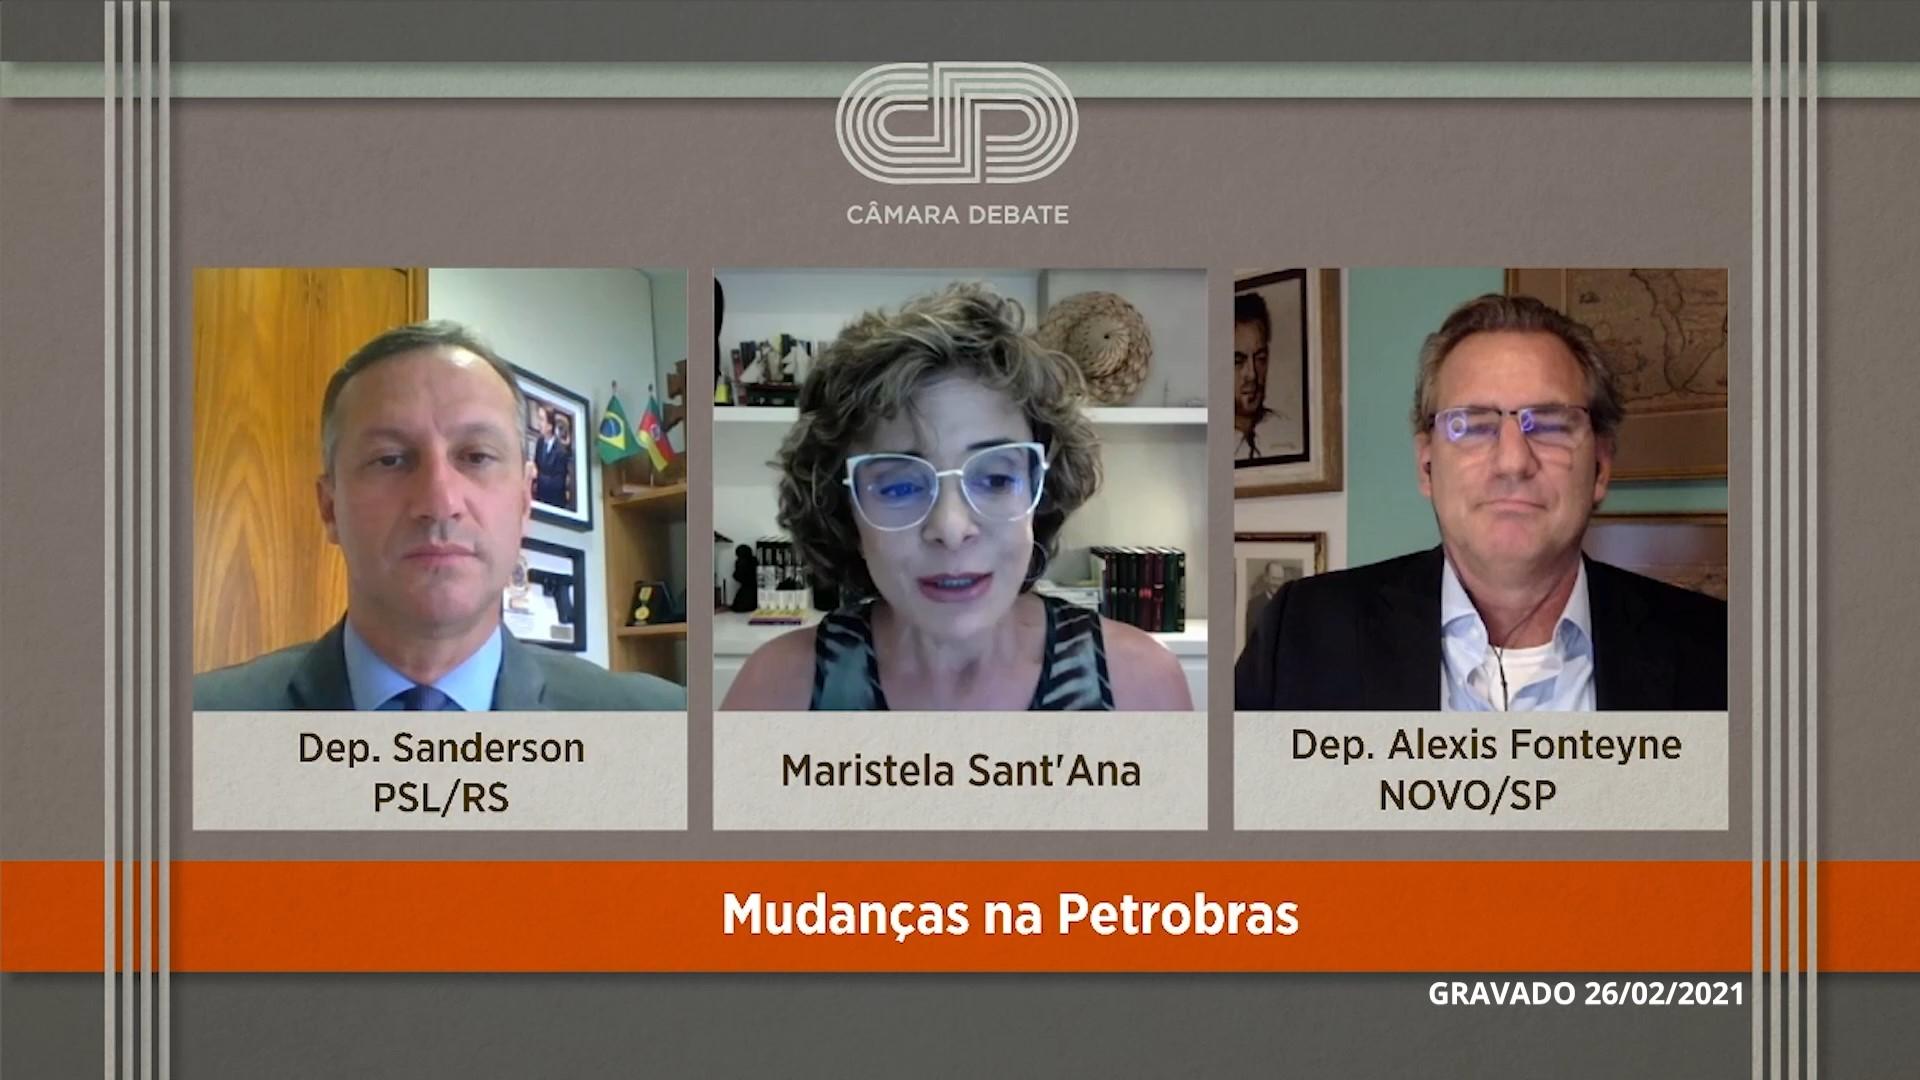 Mudanças na Petrobras